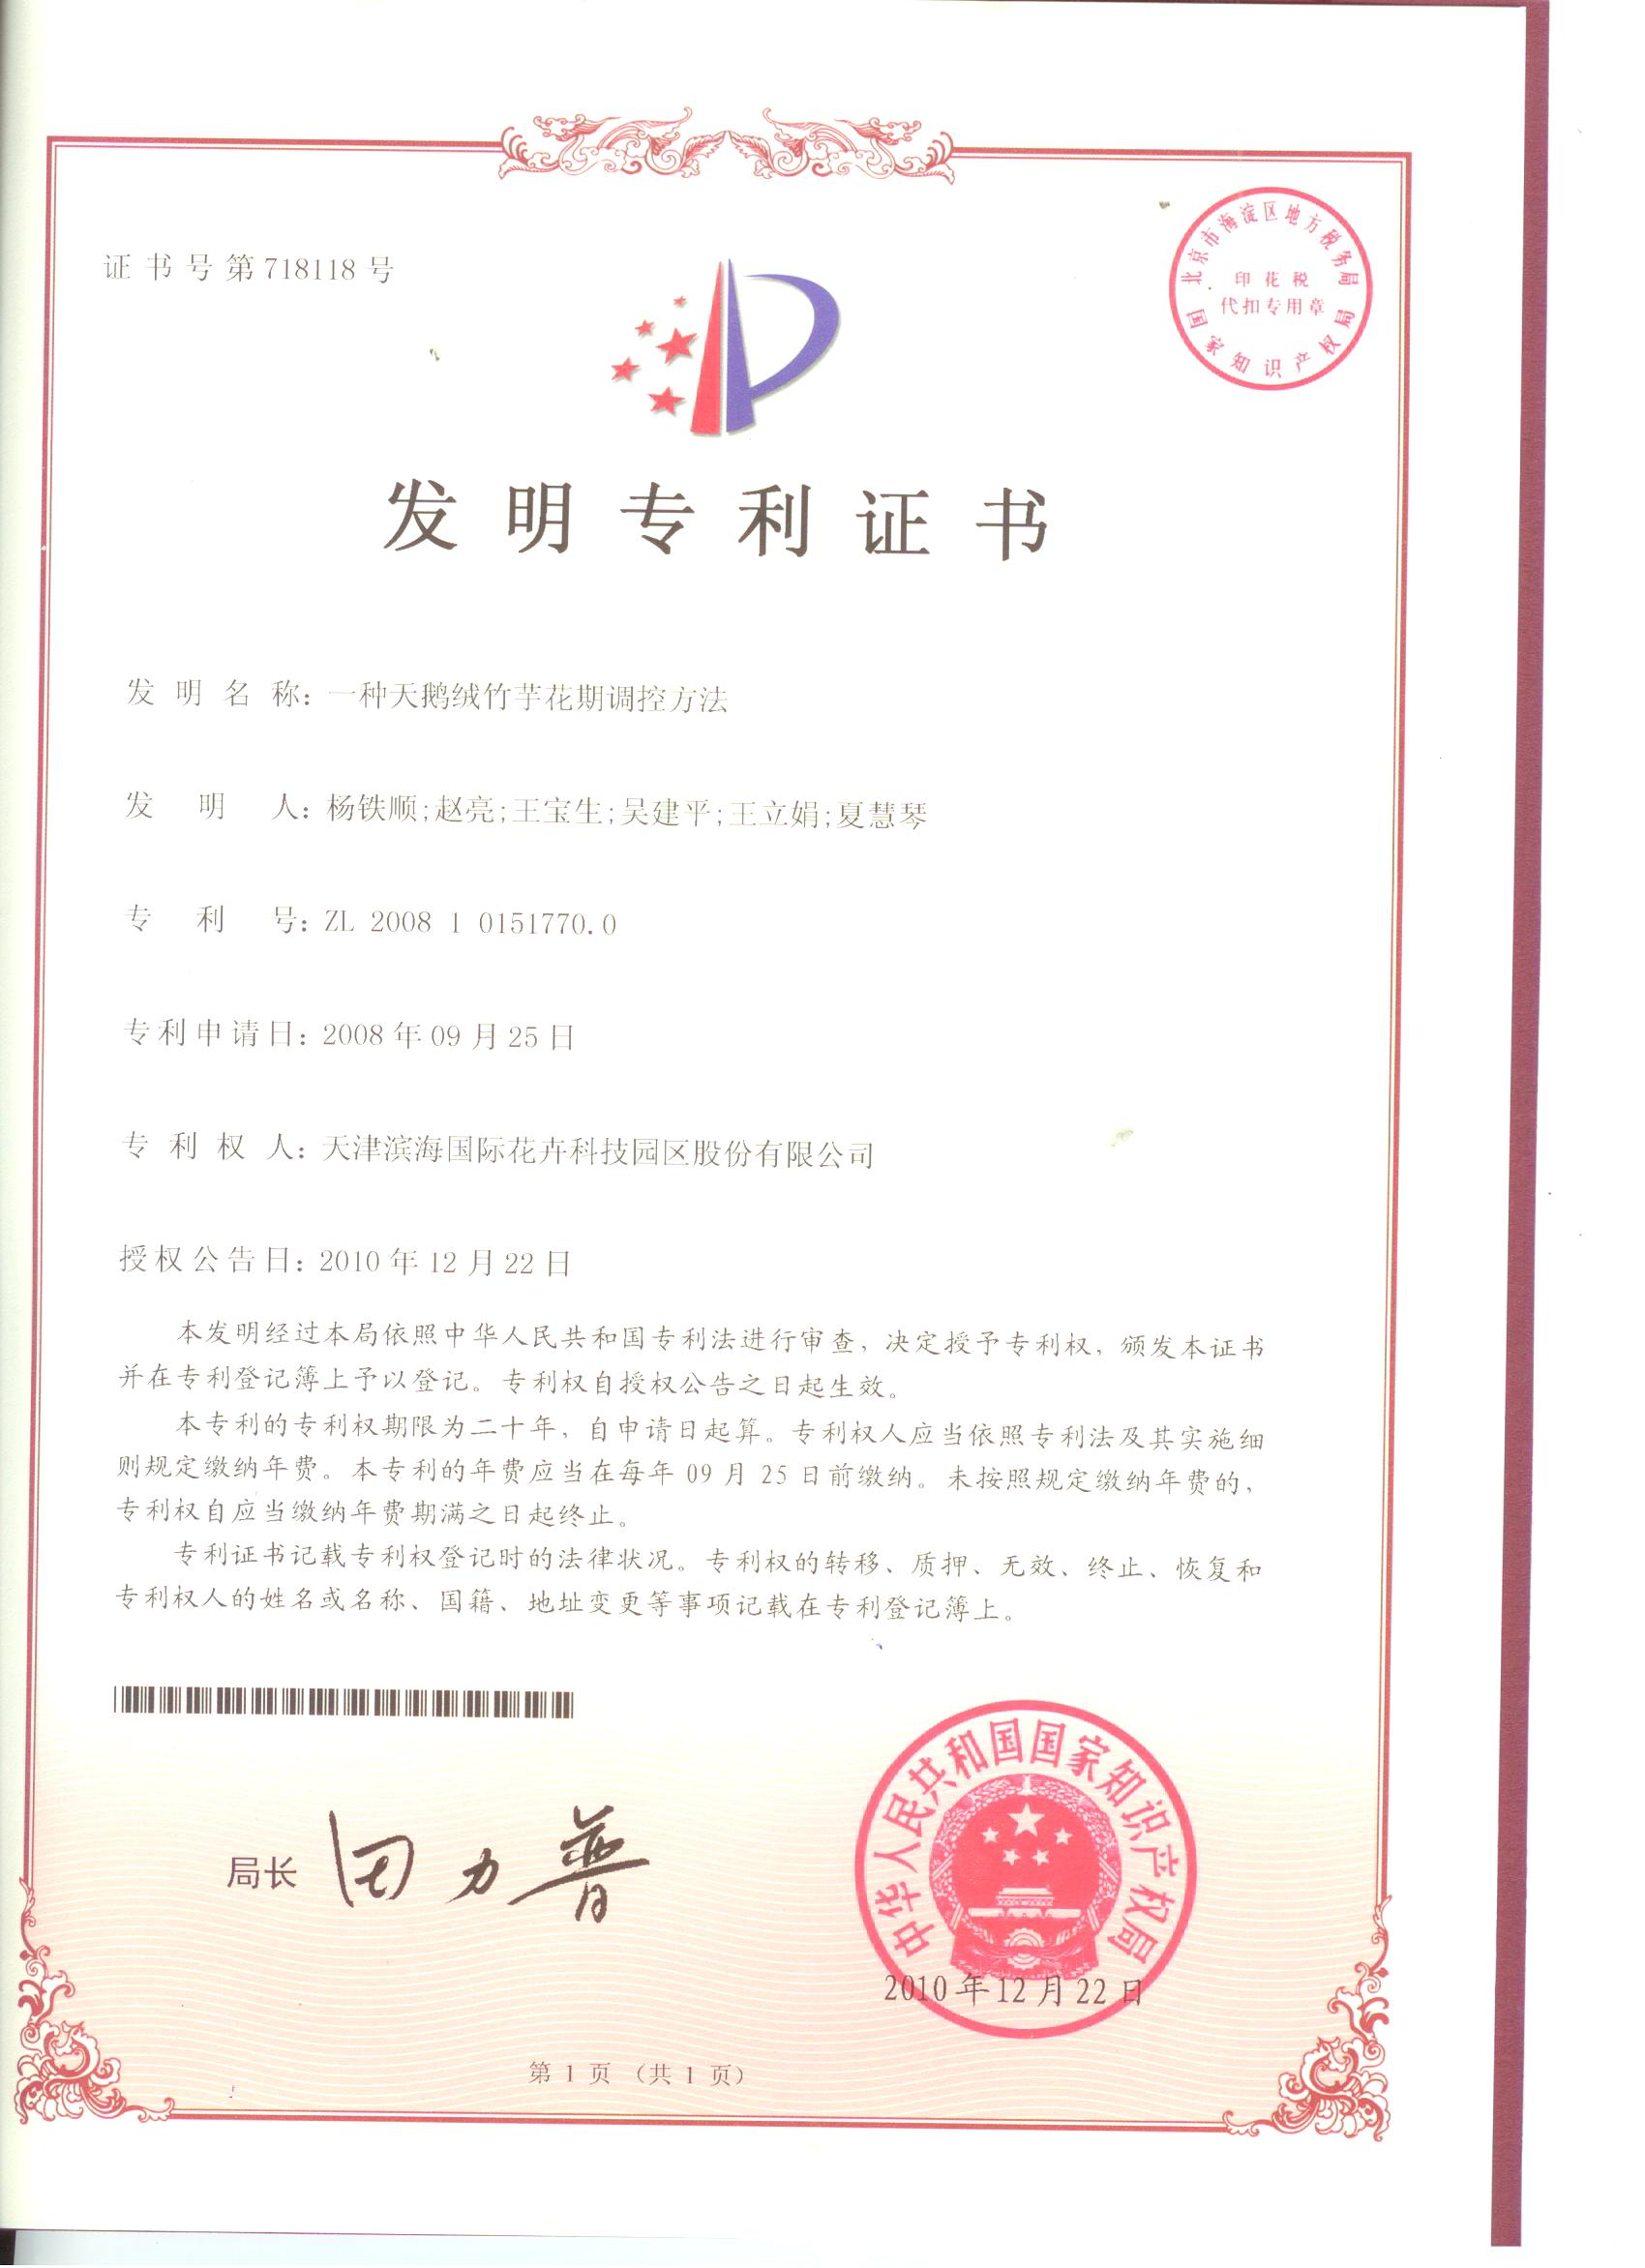 天鵝絨竹芋專利